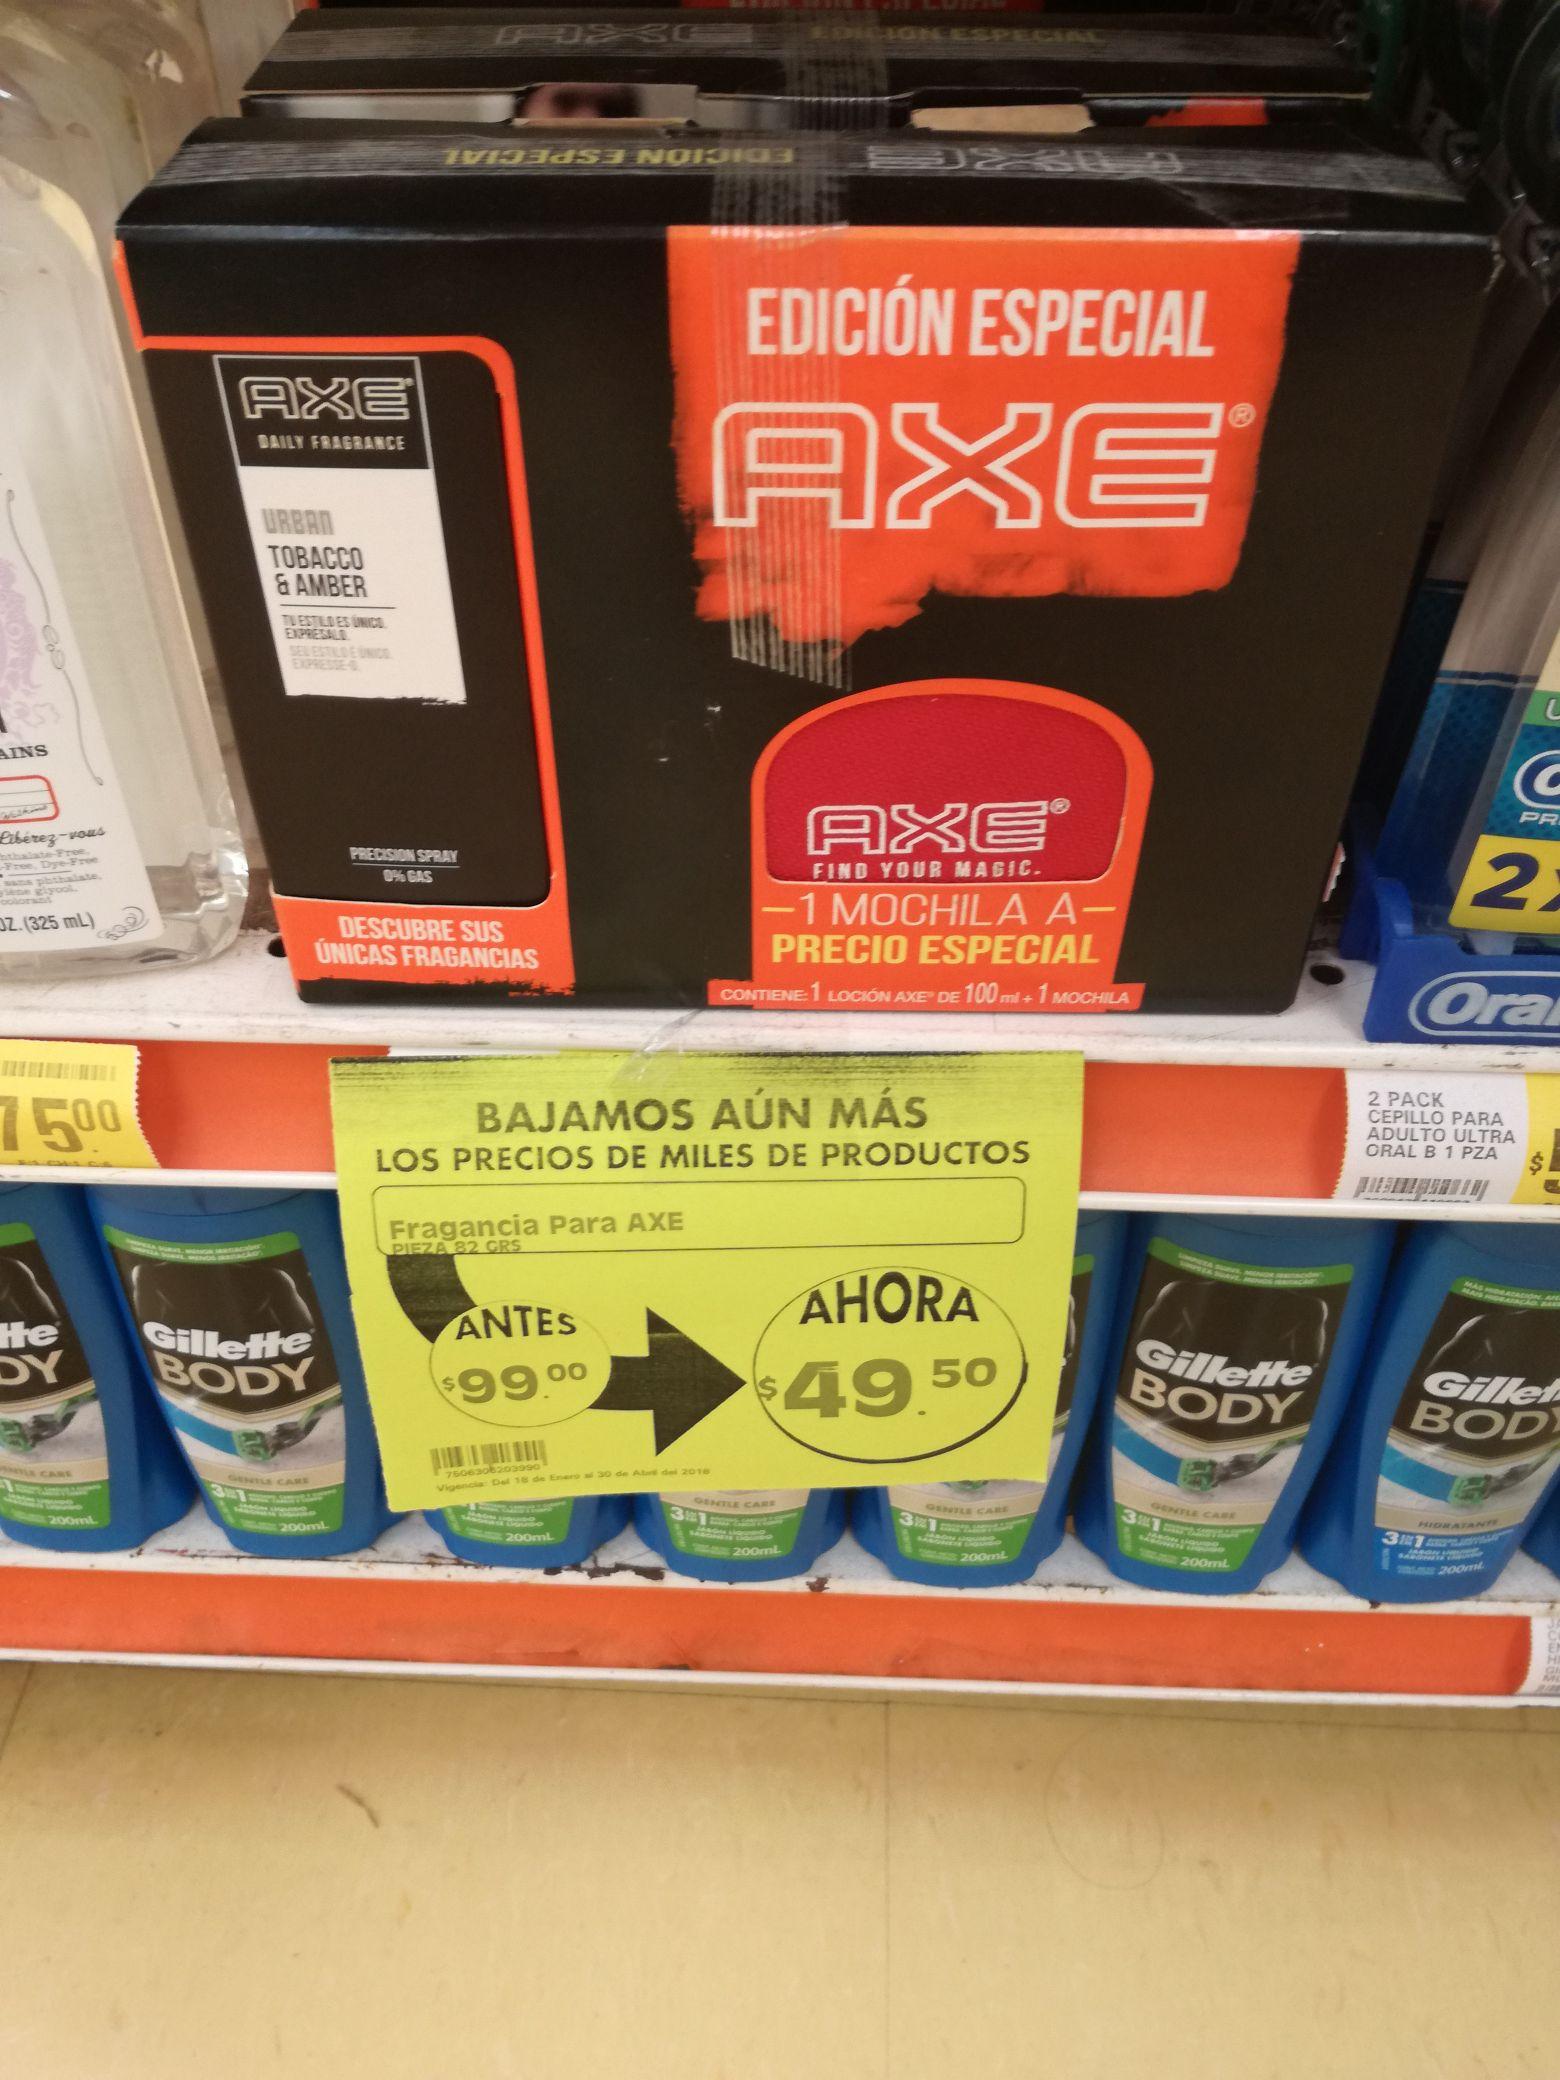 Comercial mexicana pack fragancia AXE $49.50 para el muchachon este 14 de febrero   y mas